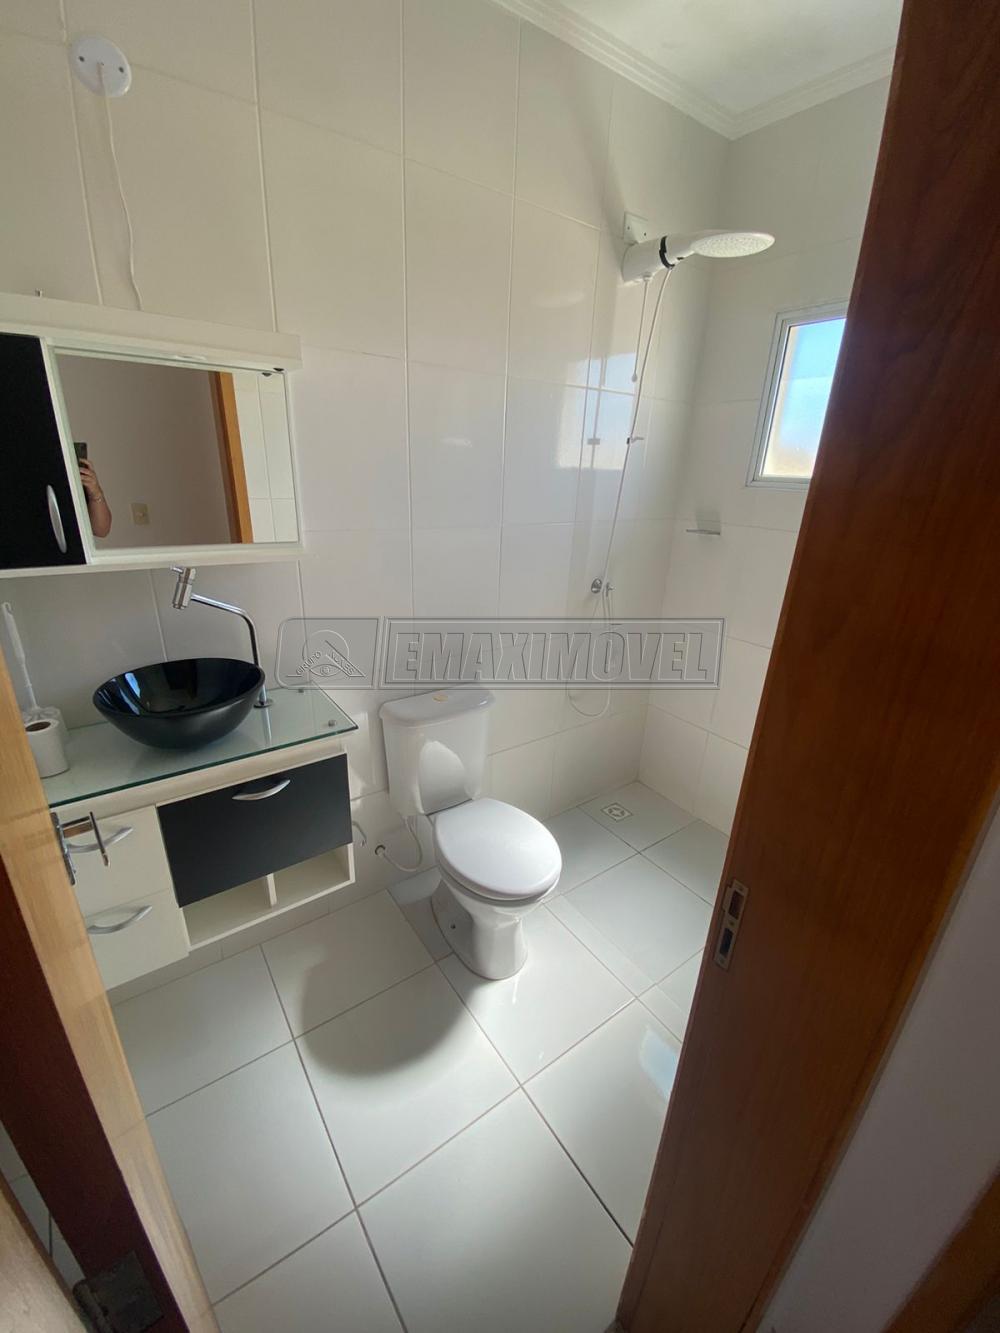 Alugar Apartamento / Padrão em Sorocaba R$ 800,00 - Foto 8